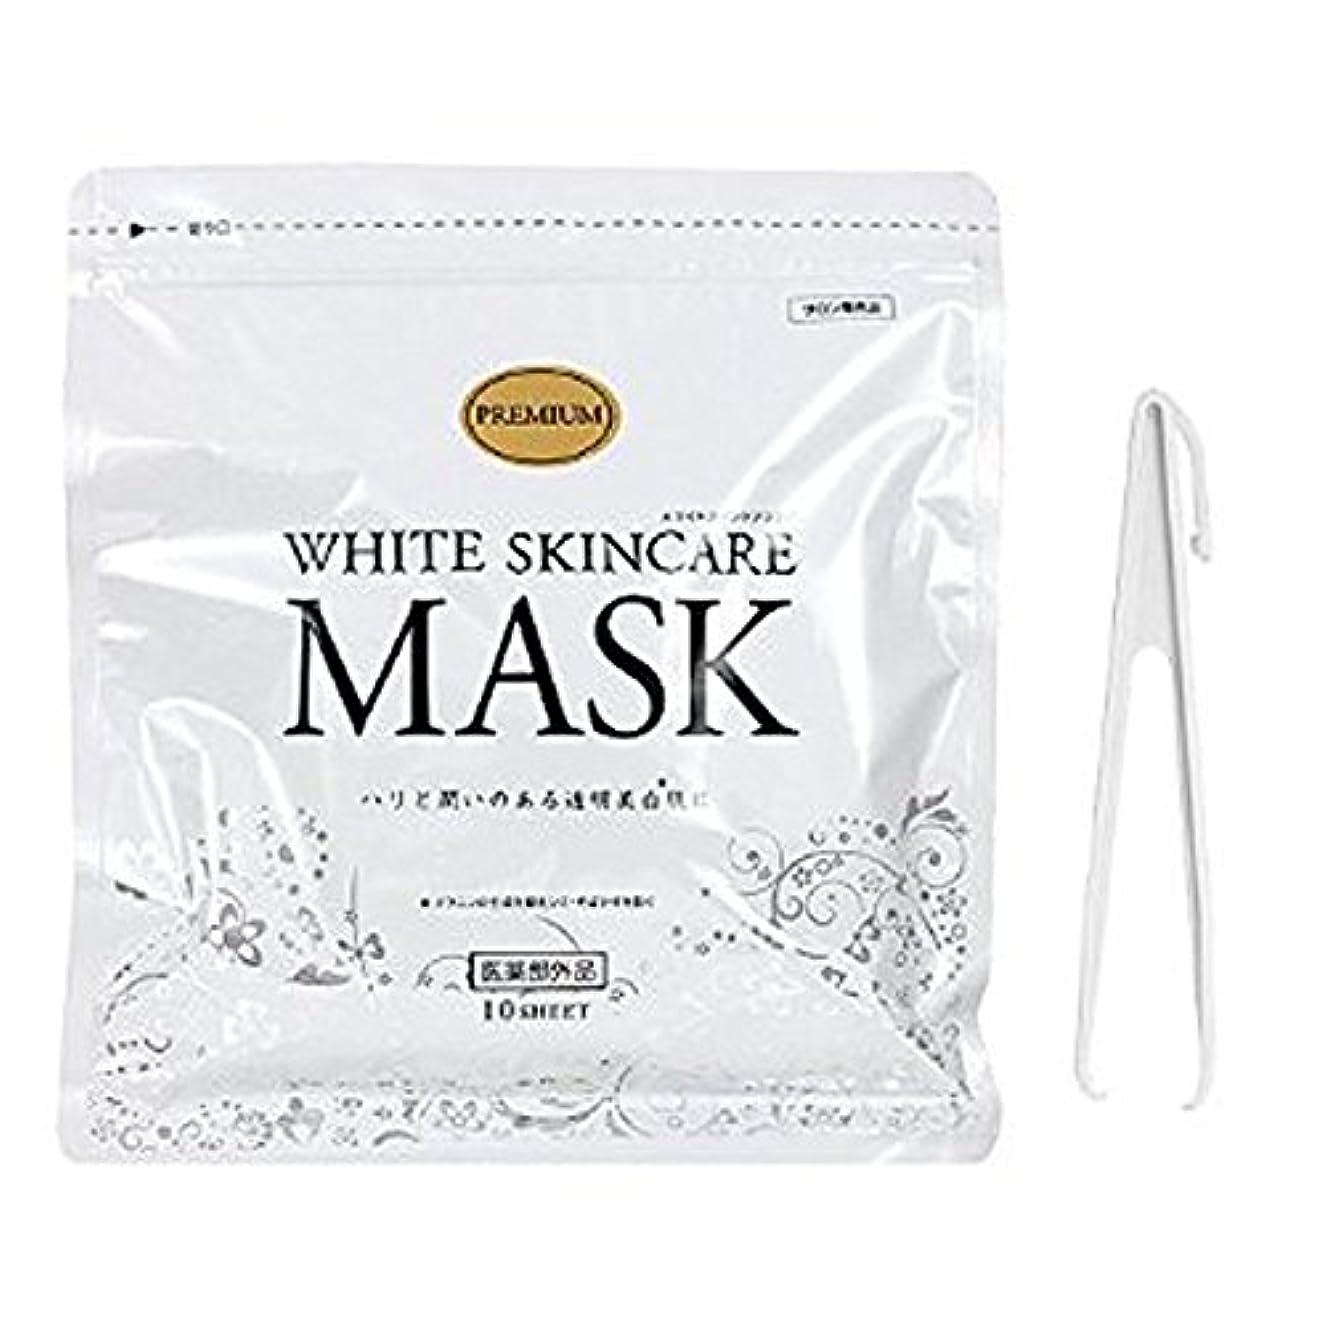 素晴らしさ苗紳士ホワイトスキンケアマスク 10枚入